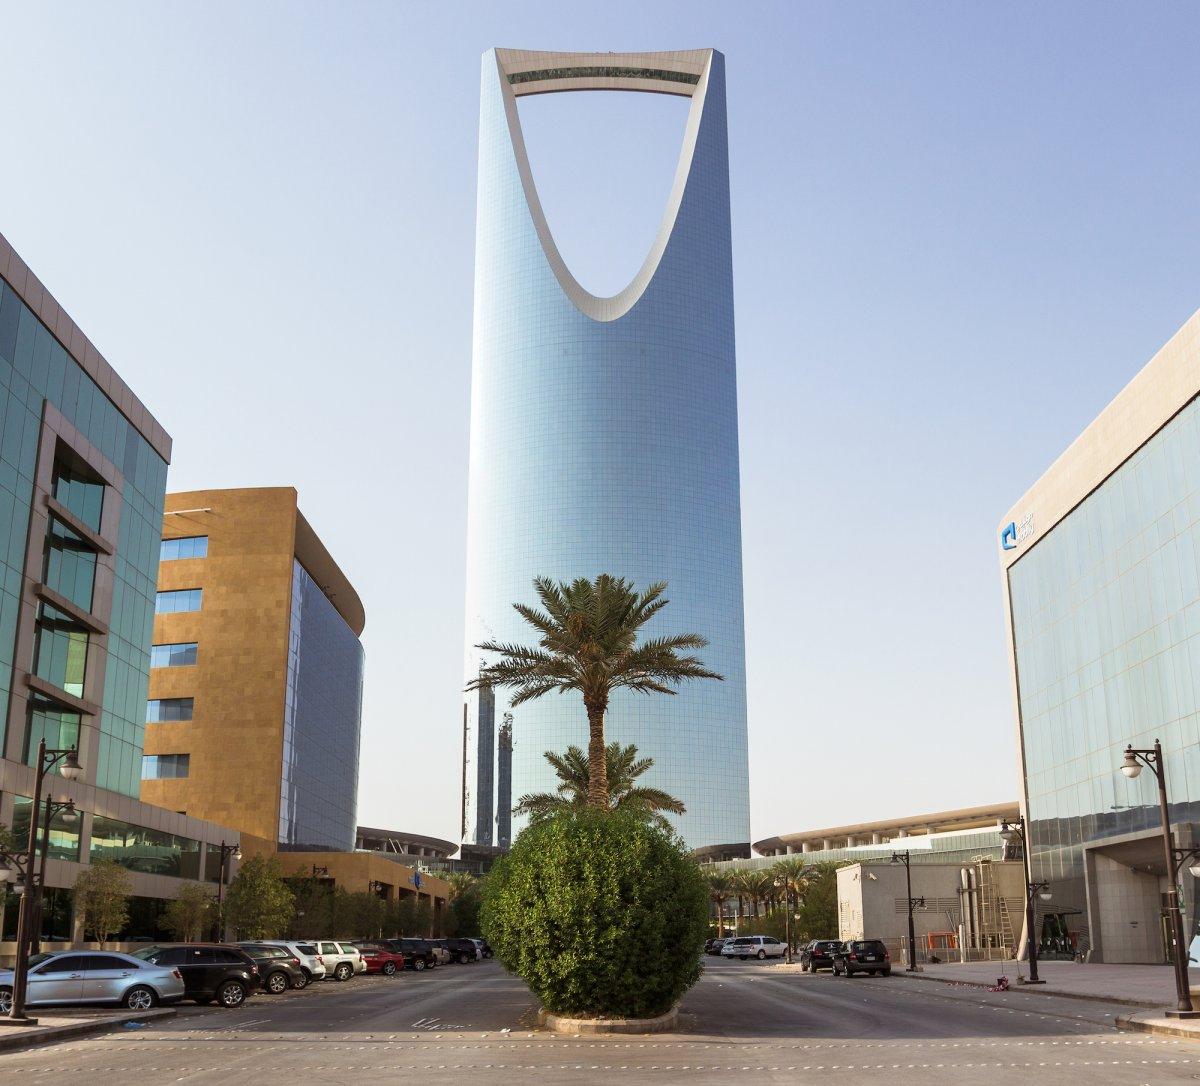 Nằm ở Riyadh, Saudi Arabia, tòa tháp Kingdom Centre có kinh phí xây dựng tới 1 tỷ USD. Công trình cao hơn 300 m được xây dựng năm 2002. Riêng tầng 2 của tòa nhà được thiết kế để làm trung tâm mua sắm, ngân hàng hay thánh đường Hồi giáo dành riêng cho phụ nữ. Các khu vực khác của tòa tháp còn là khách sạn, văn phòng và căn hộ. Điểm nhấn của công trình là cây cầu nằm trên đỉnh tháp với chiều dài 56 m.